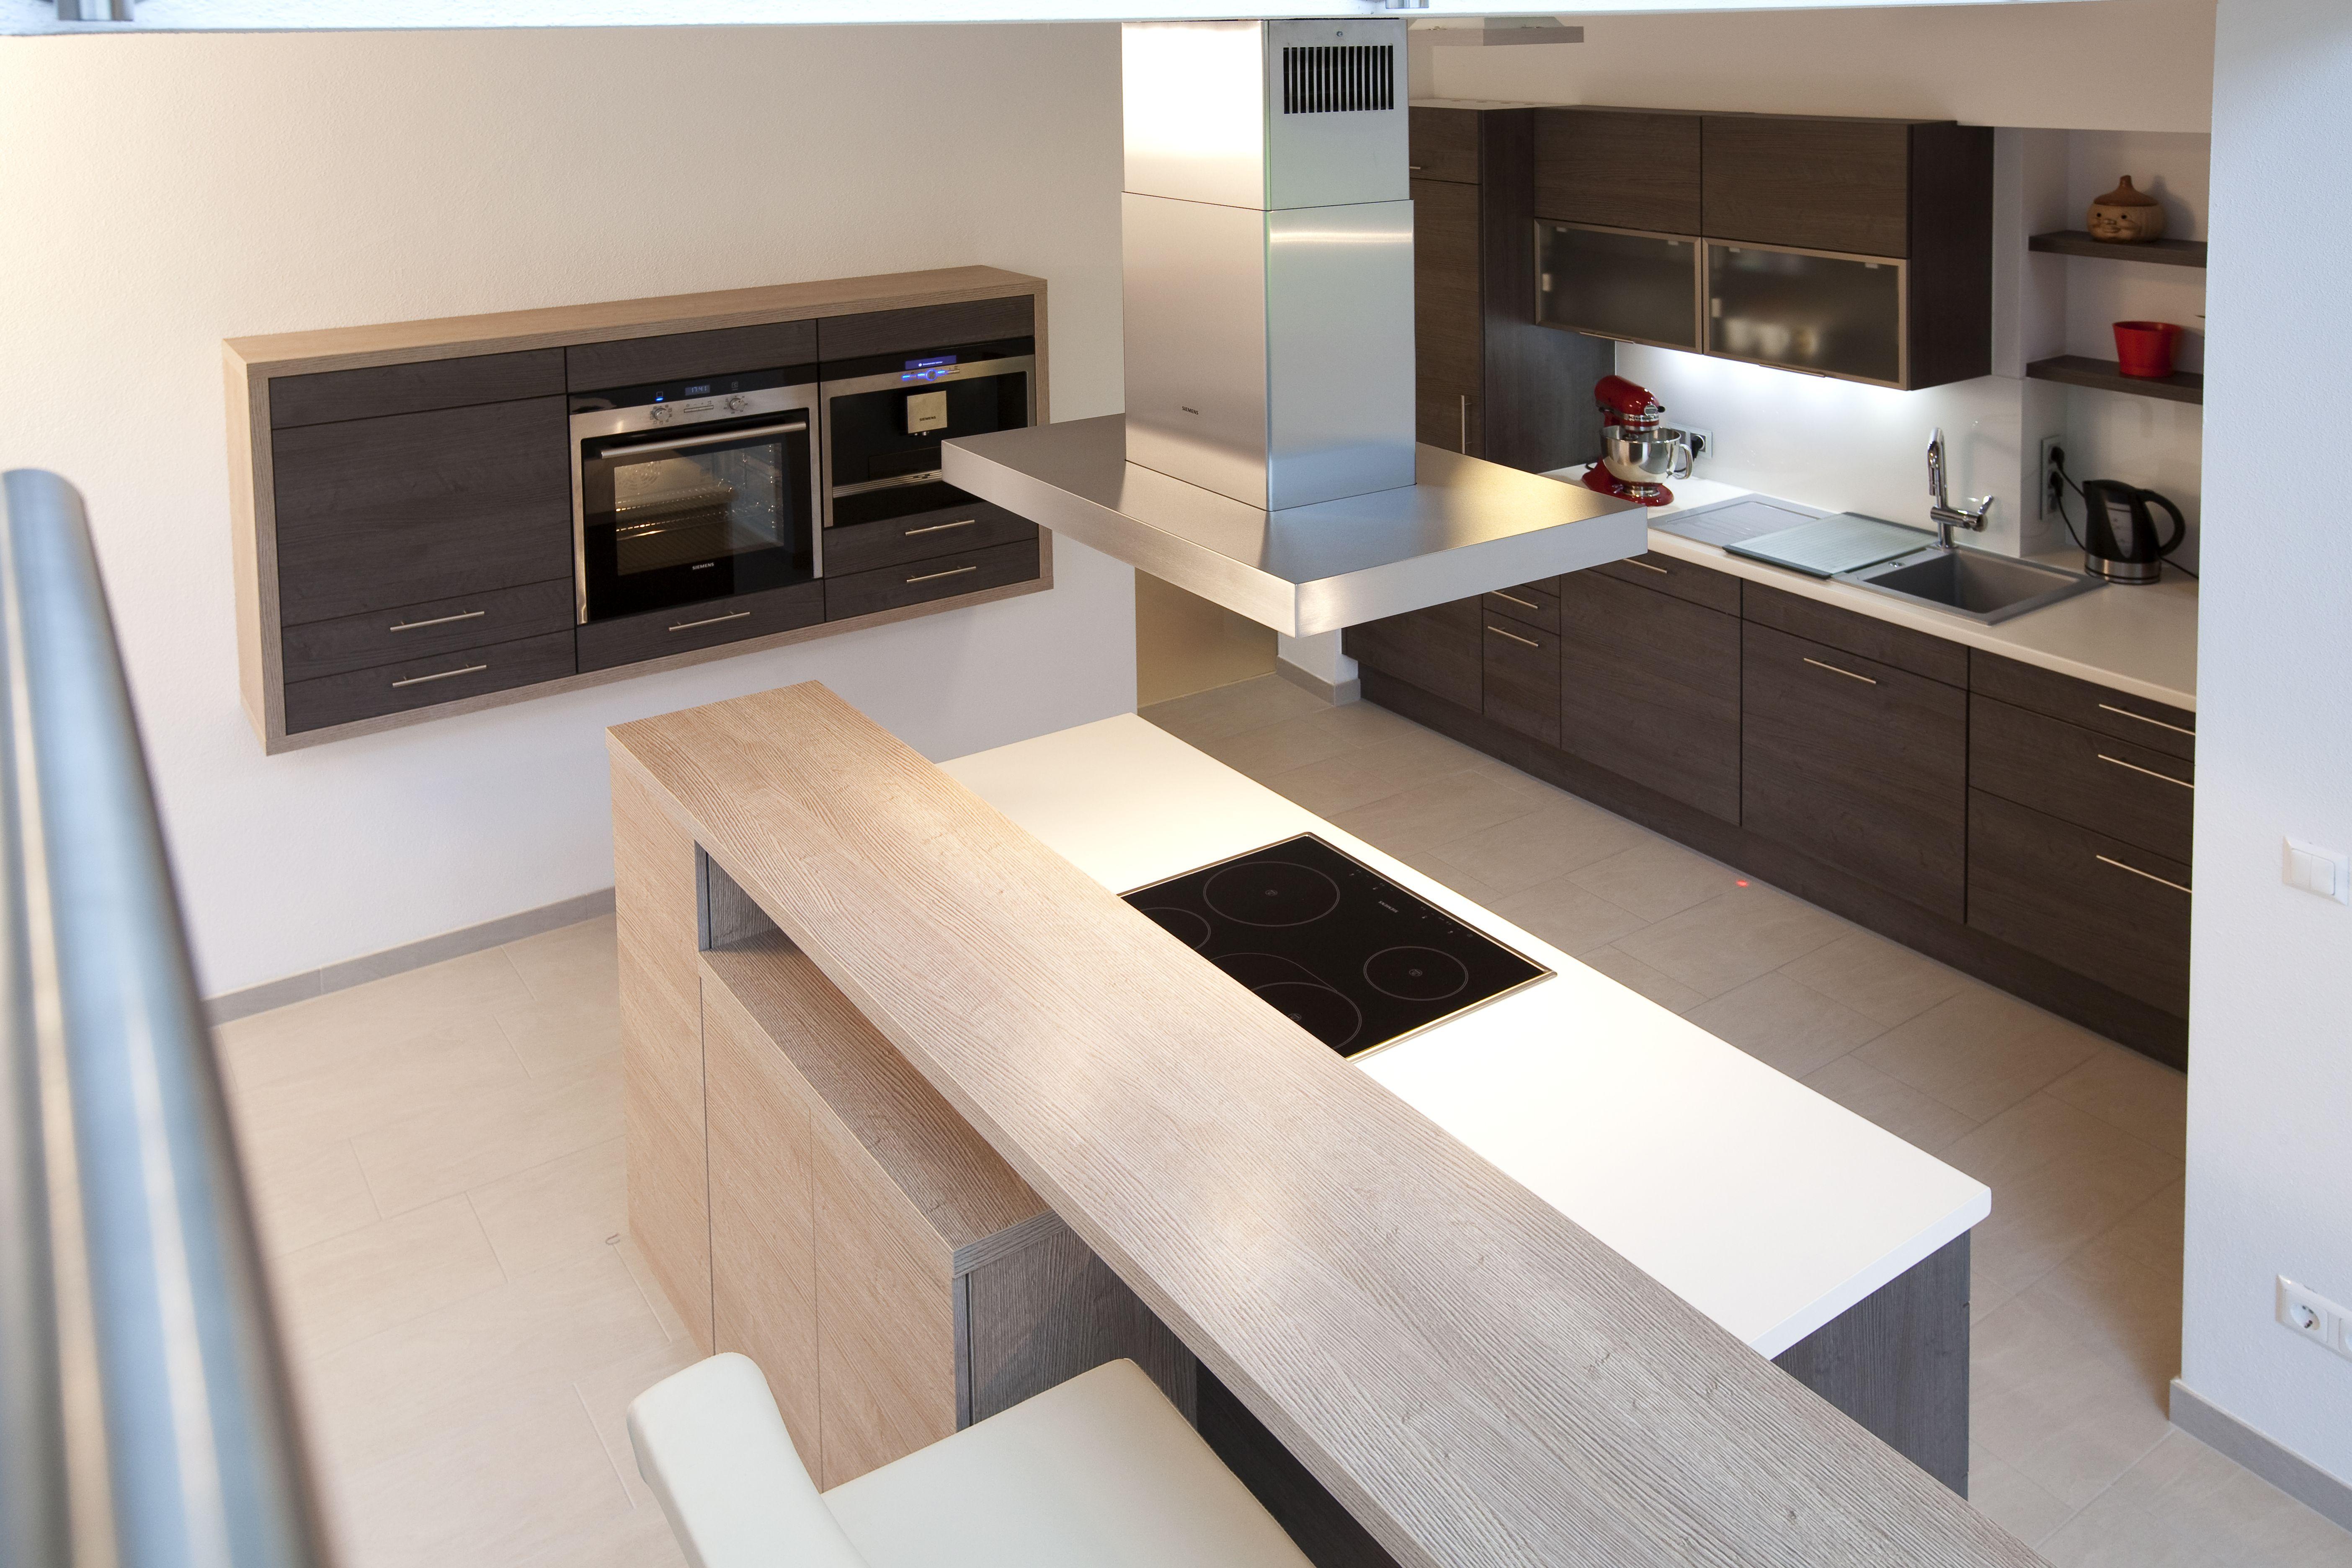 Kochinsel Mit Bar Moderne Kuche Kochinsel Kuche